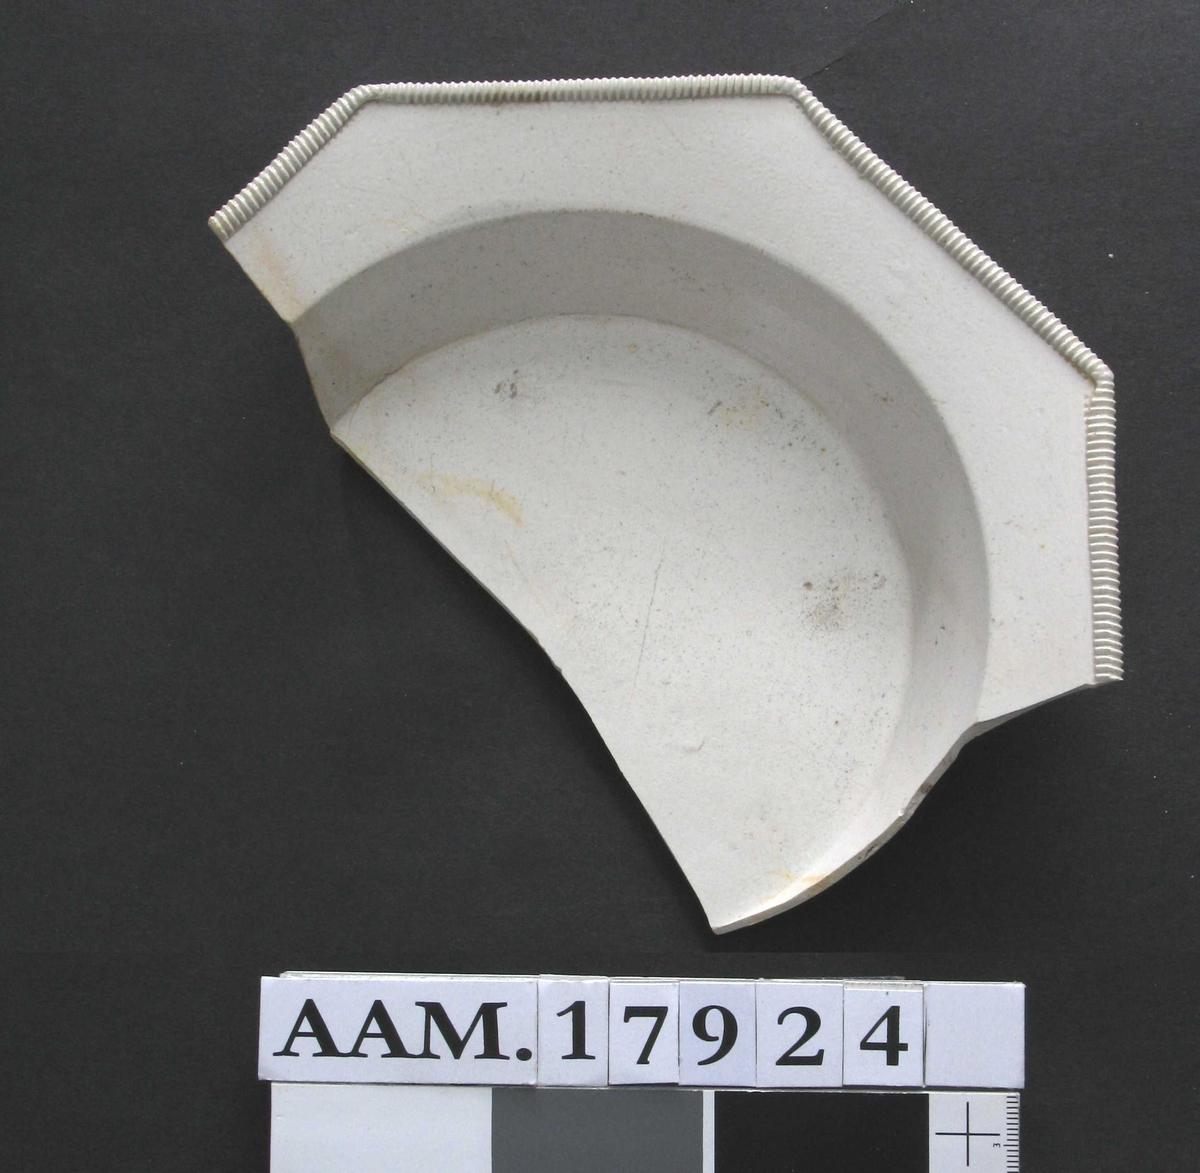 Del av tallerken, Staffordshire, 1770-årene. Stentøy,  saltglassert,  hårdbrent,  lyst grått gods, udekorert. Ustemplet.   skrå side, flat, svakt opppoverskrånende  brem, som er åttekantet  og med en tverr-riflet rund kantbord. Bunnkant.  Tilstand: ca. halve tallerkenen avslått  og et stykke til av bremmen.    Renset av Ib Kjølsen, brukt som  prøvemateriale for konservering av sjøfunn.